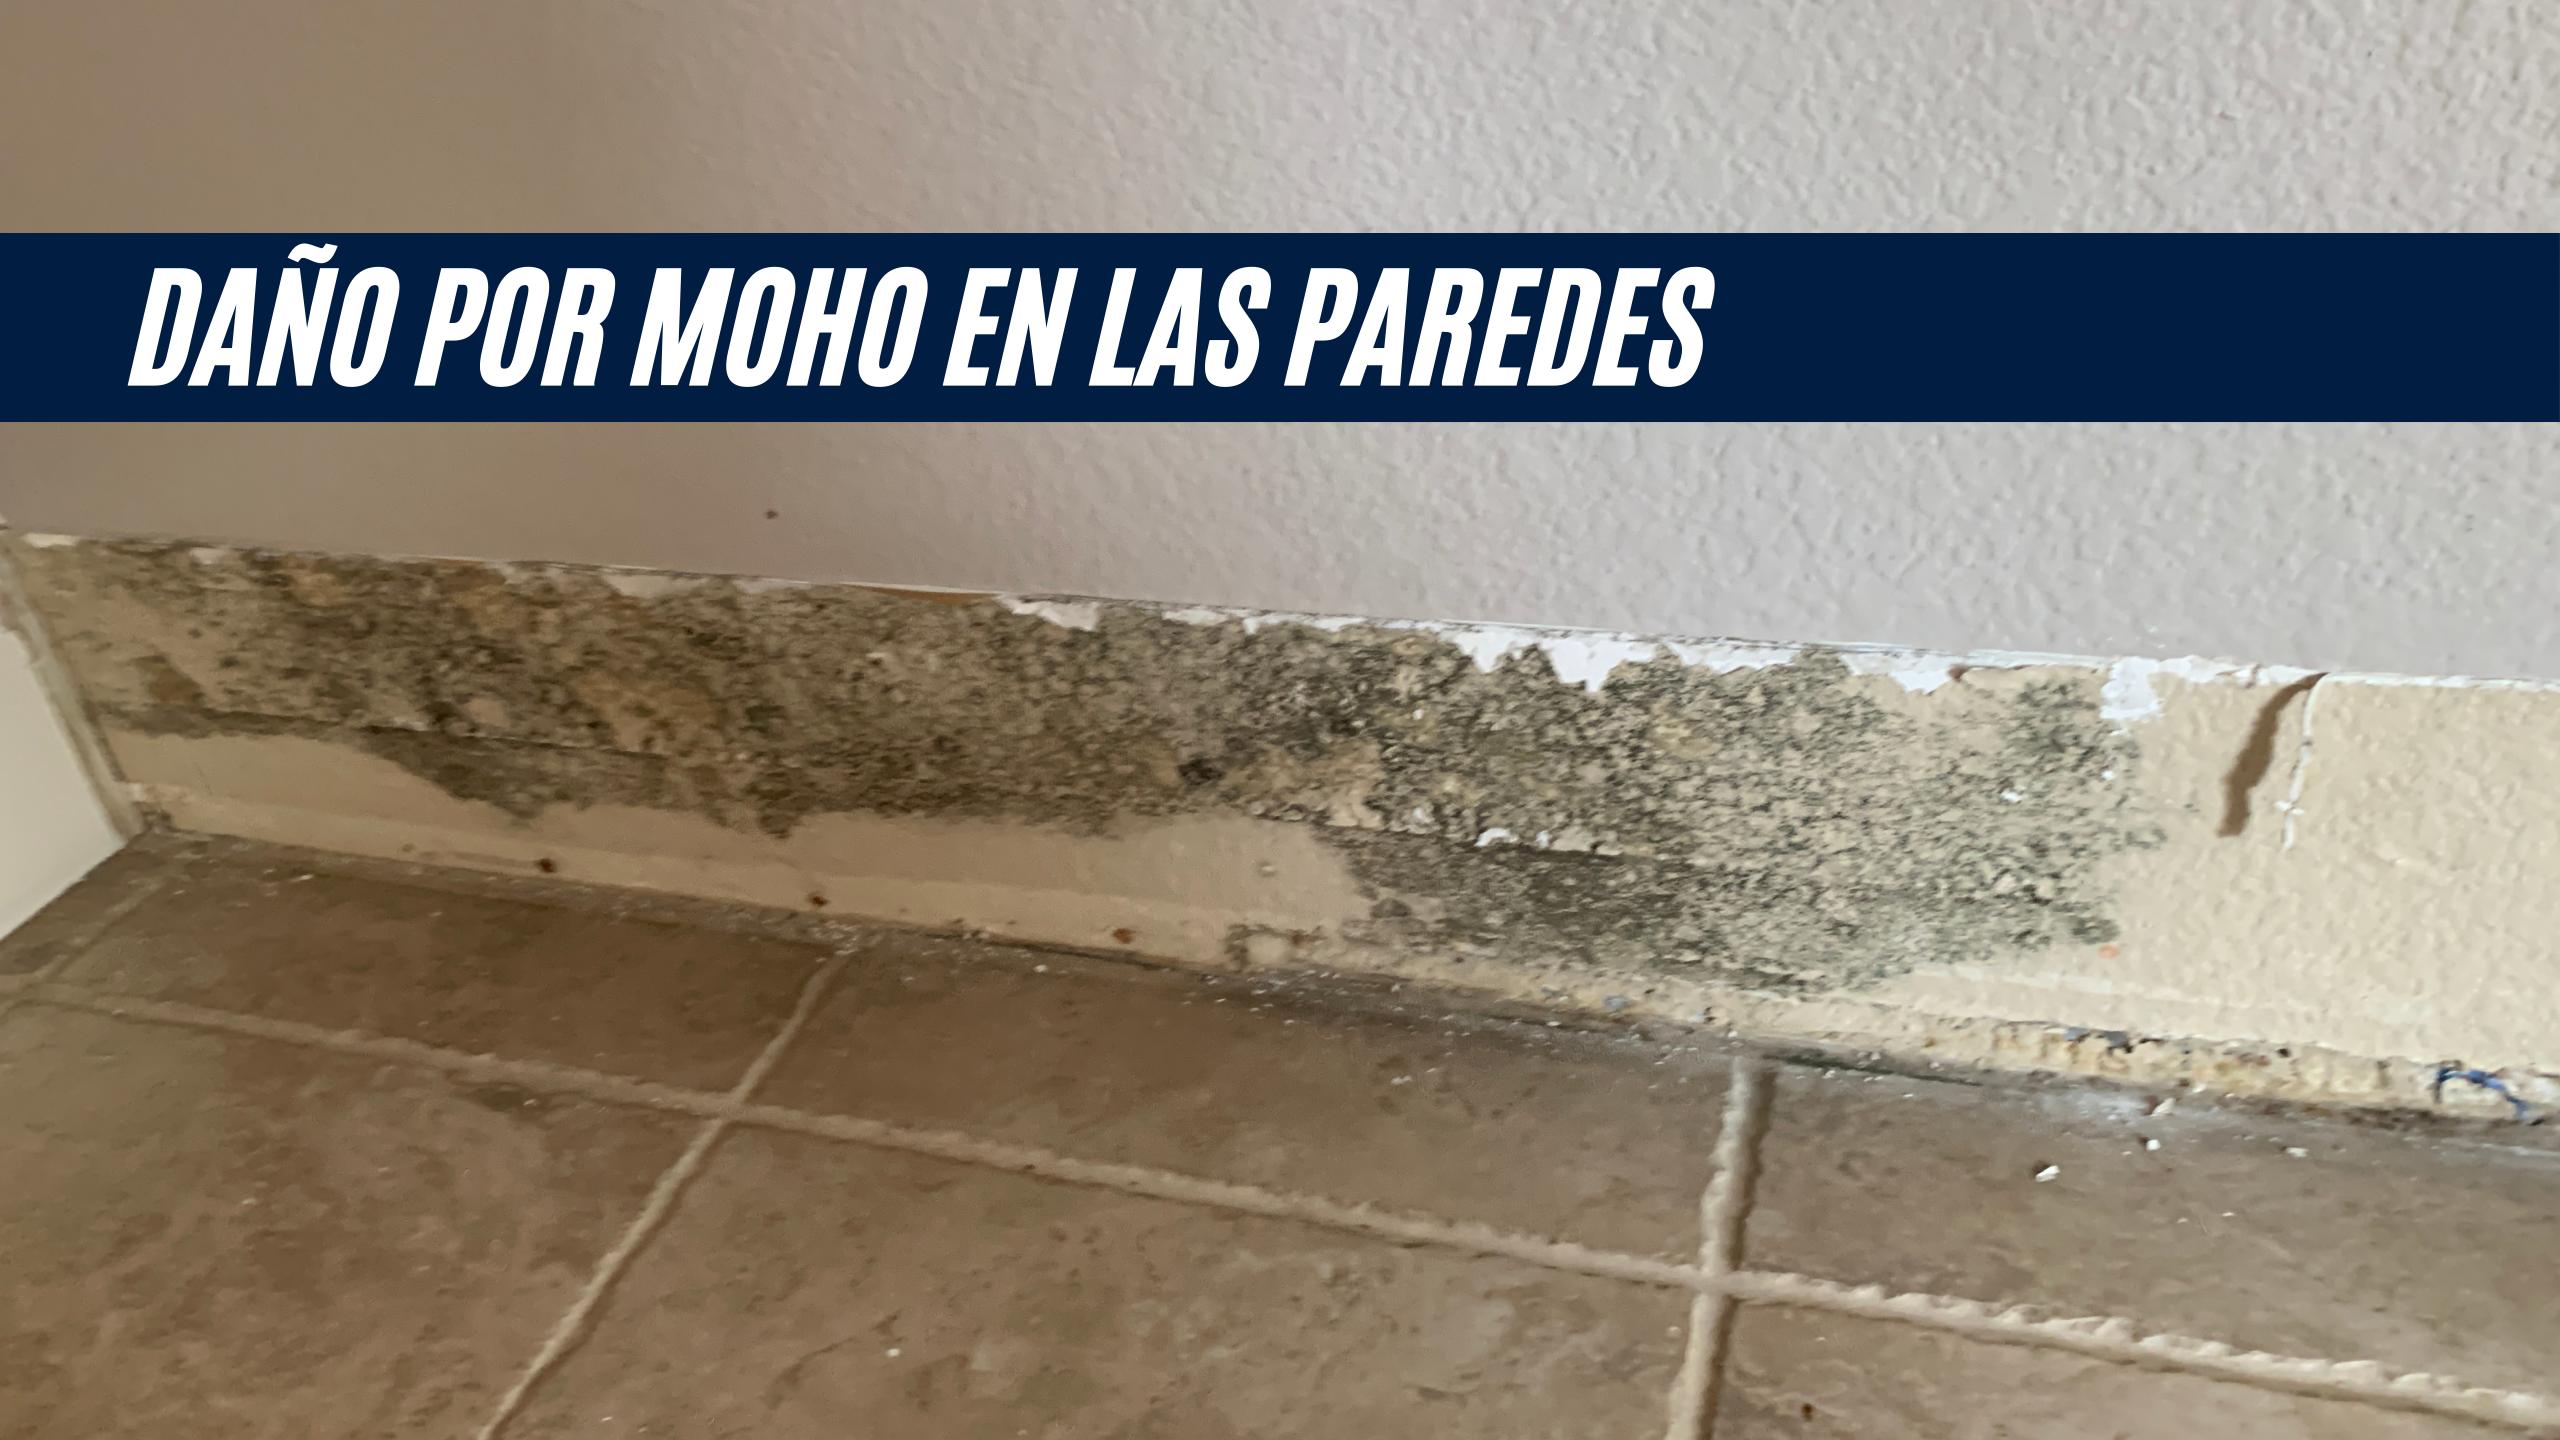 """La imagen muestra daño ocasionado por moho en las paredes de una casa, detrás de zócalo piso. Tiene una barra con el título """"Daño por moho en las paredes"""""""